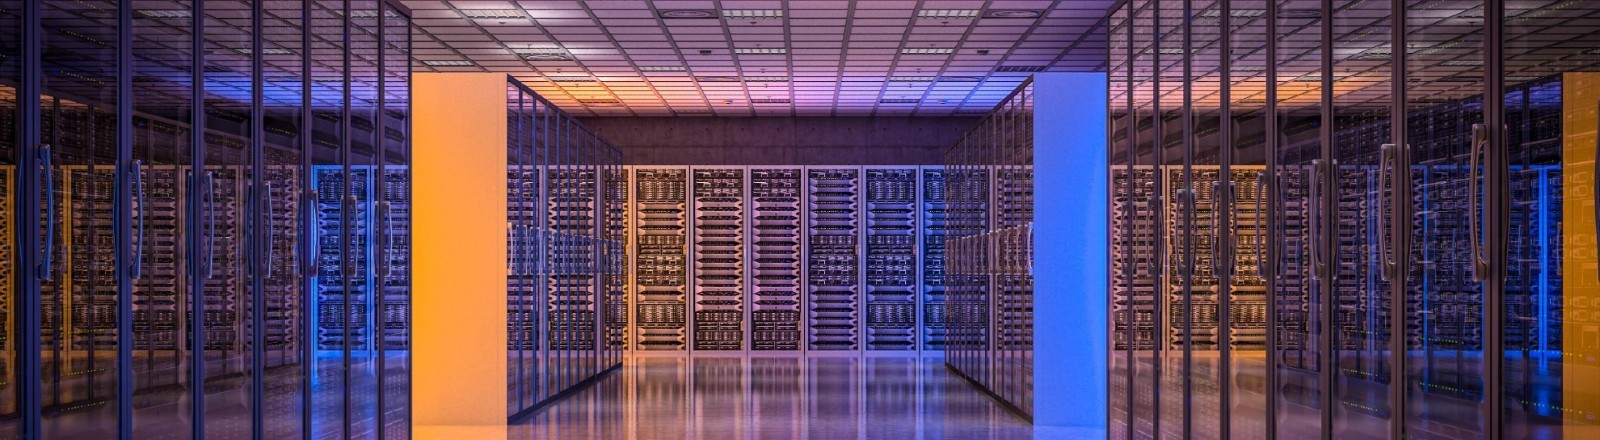 Symbolbild eines Serverreaums